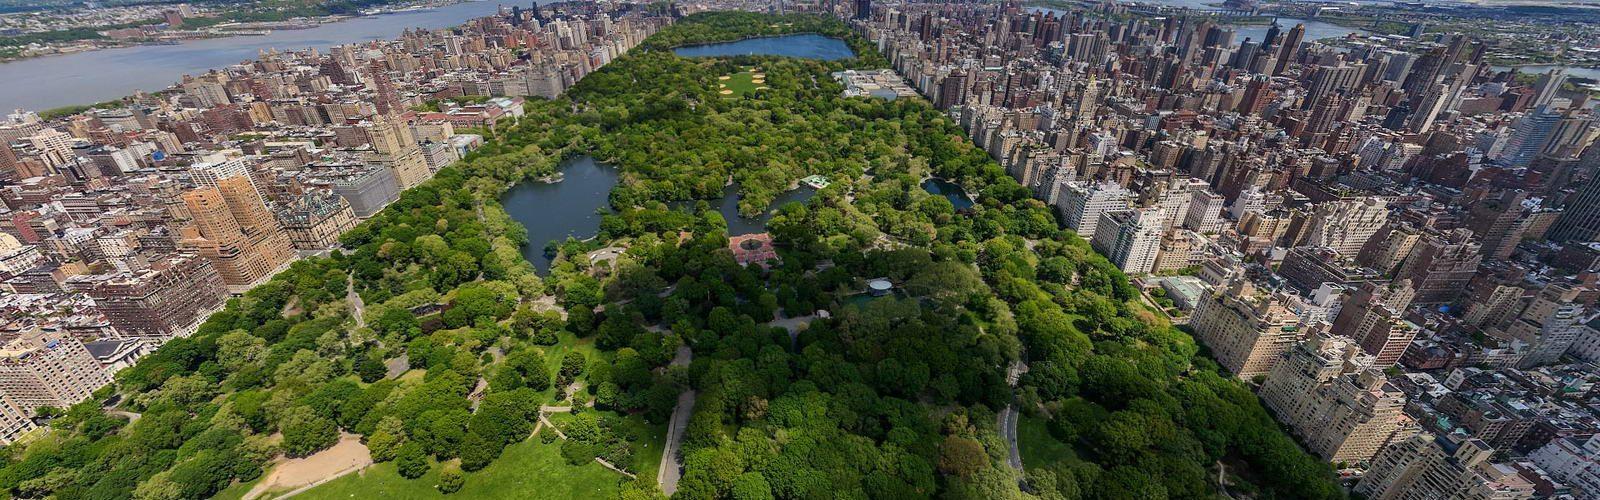 10-secrets-central-park-histoire-une